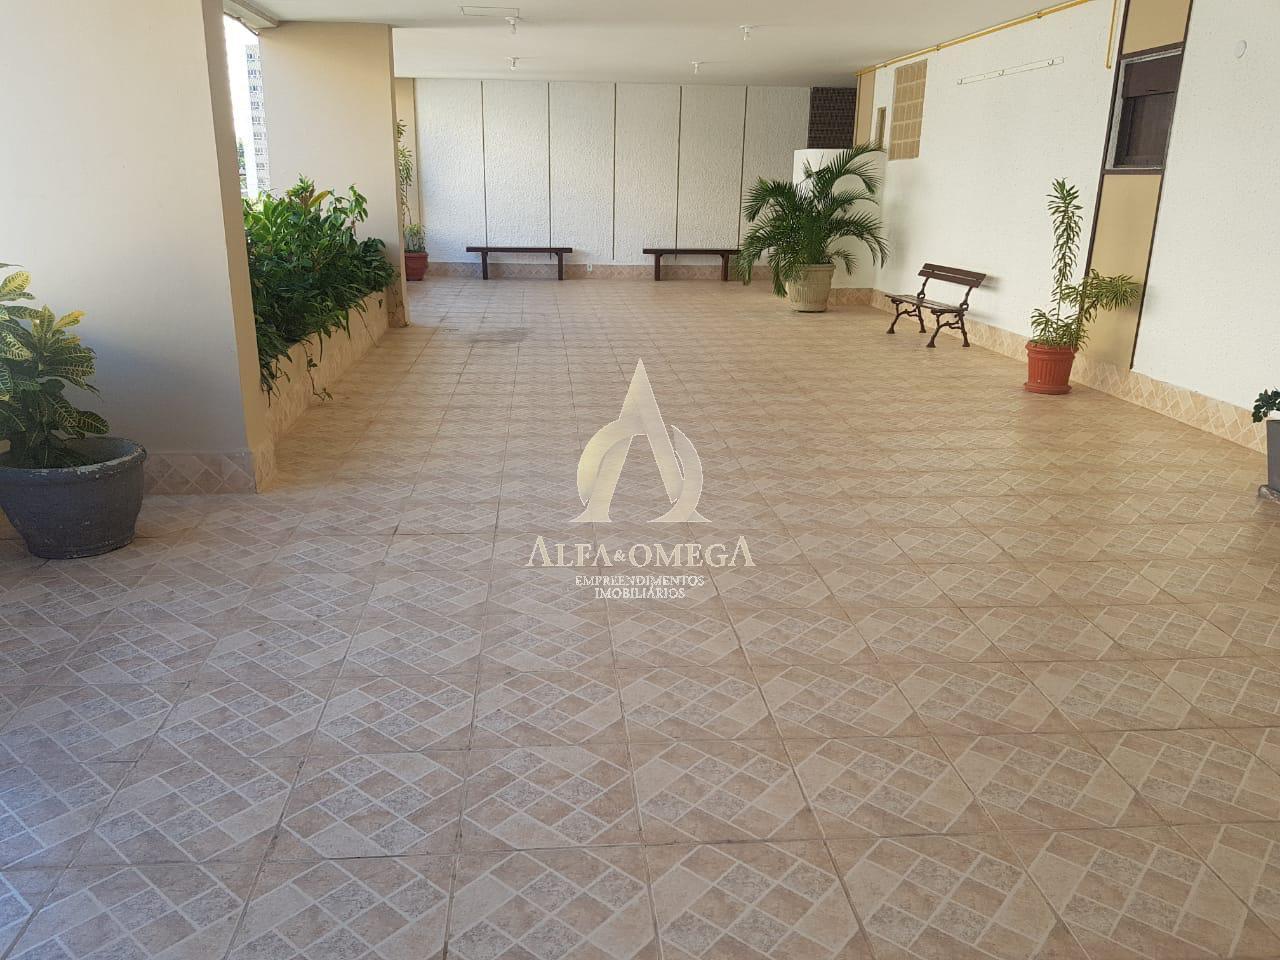 FOTO 16 - Apartamento Copacabana,Rio de Janeiro,RJ À Venda,2 Quartos,80m² - AO20408 - 16